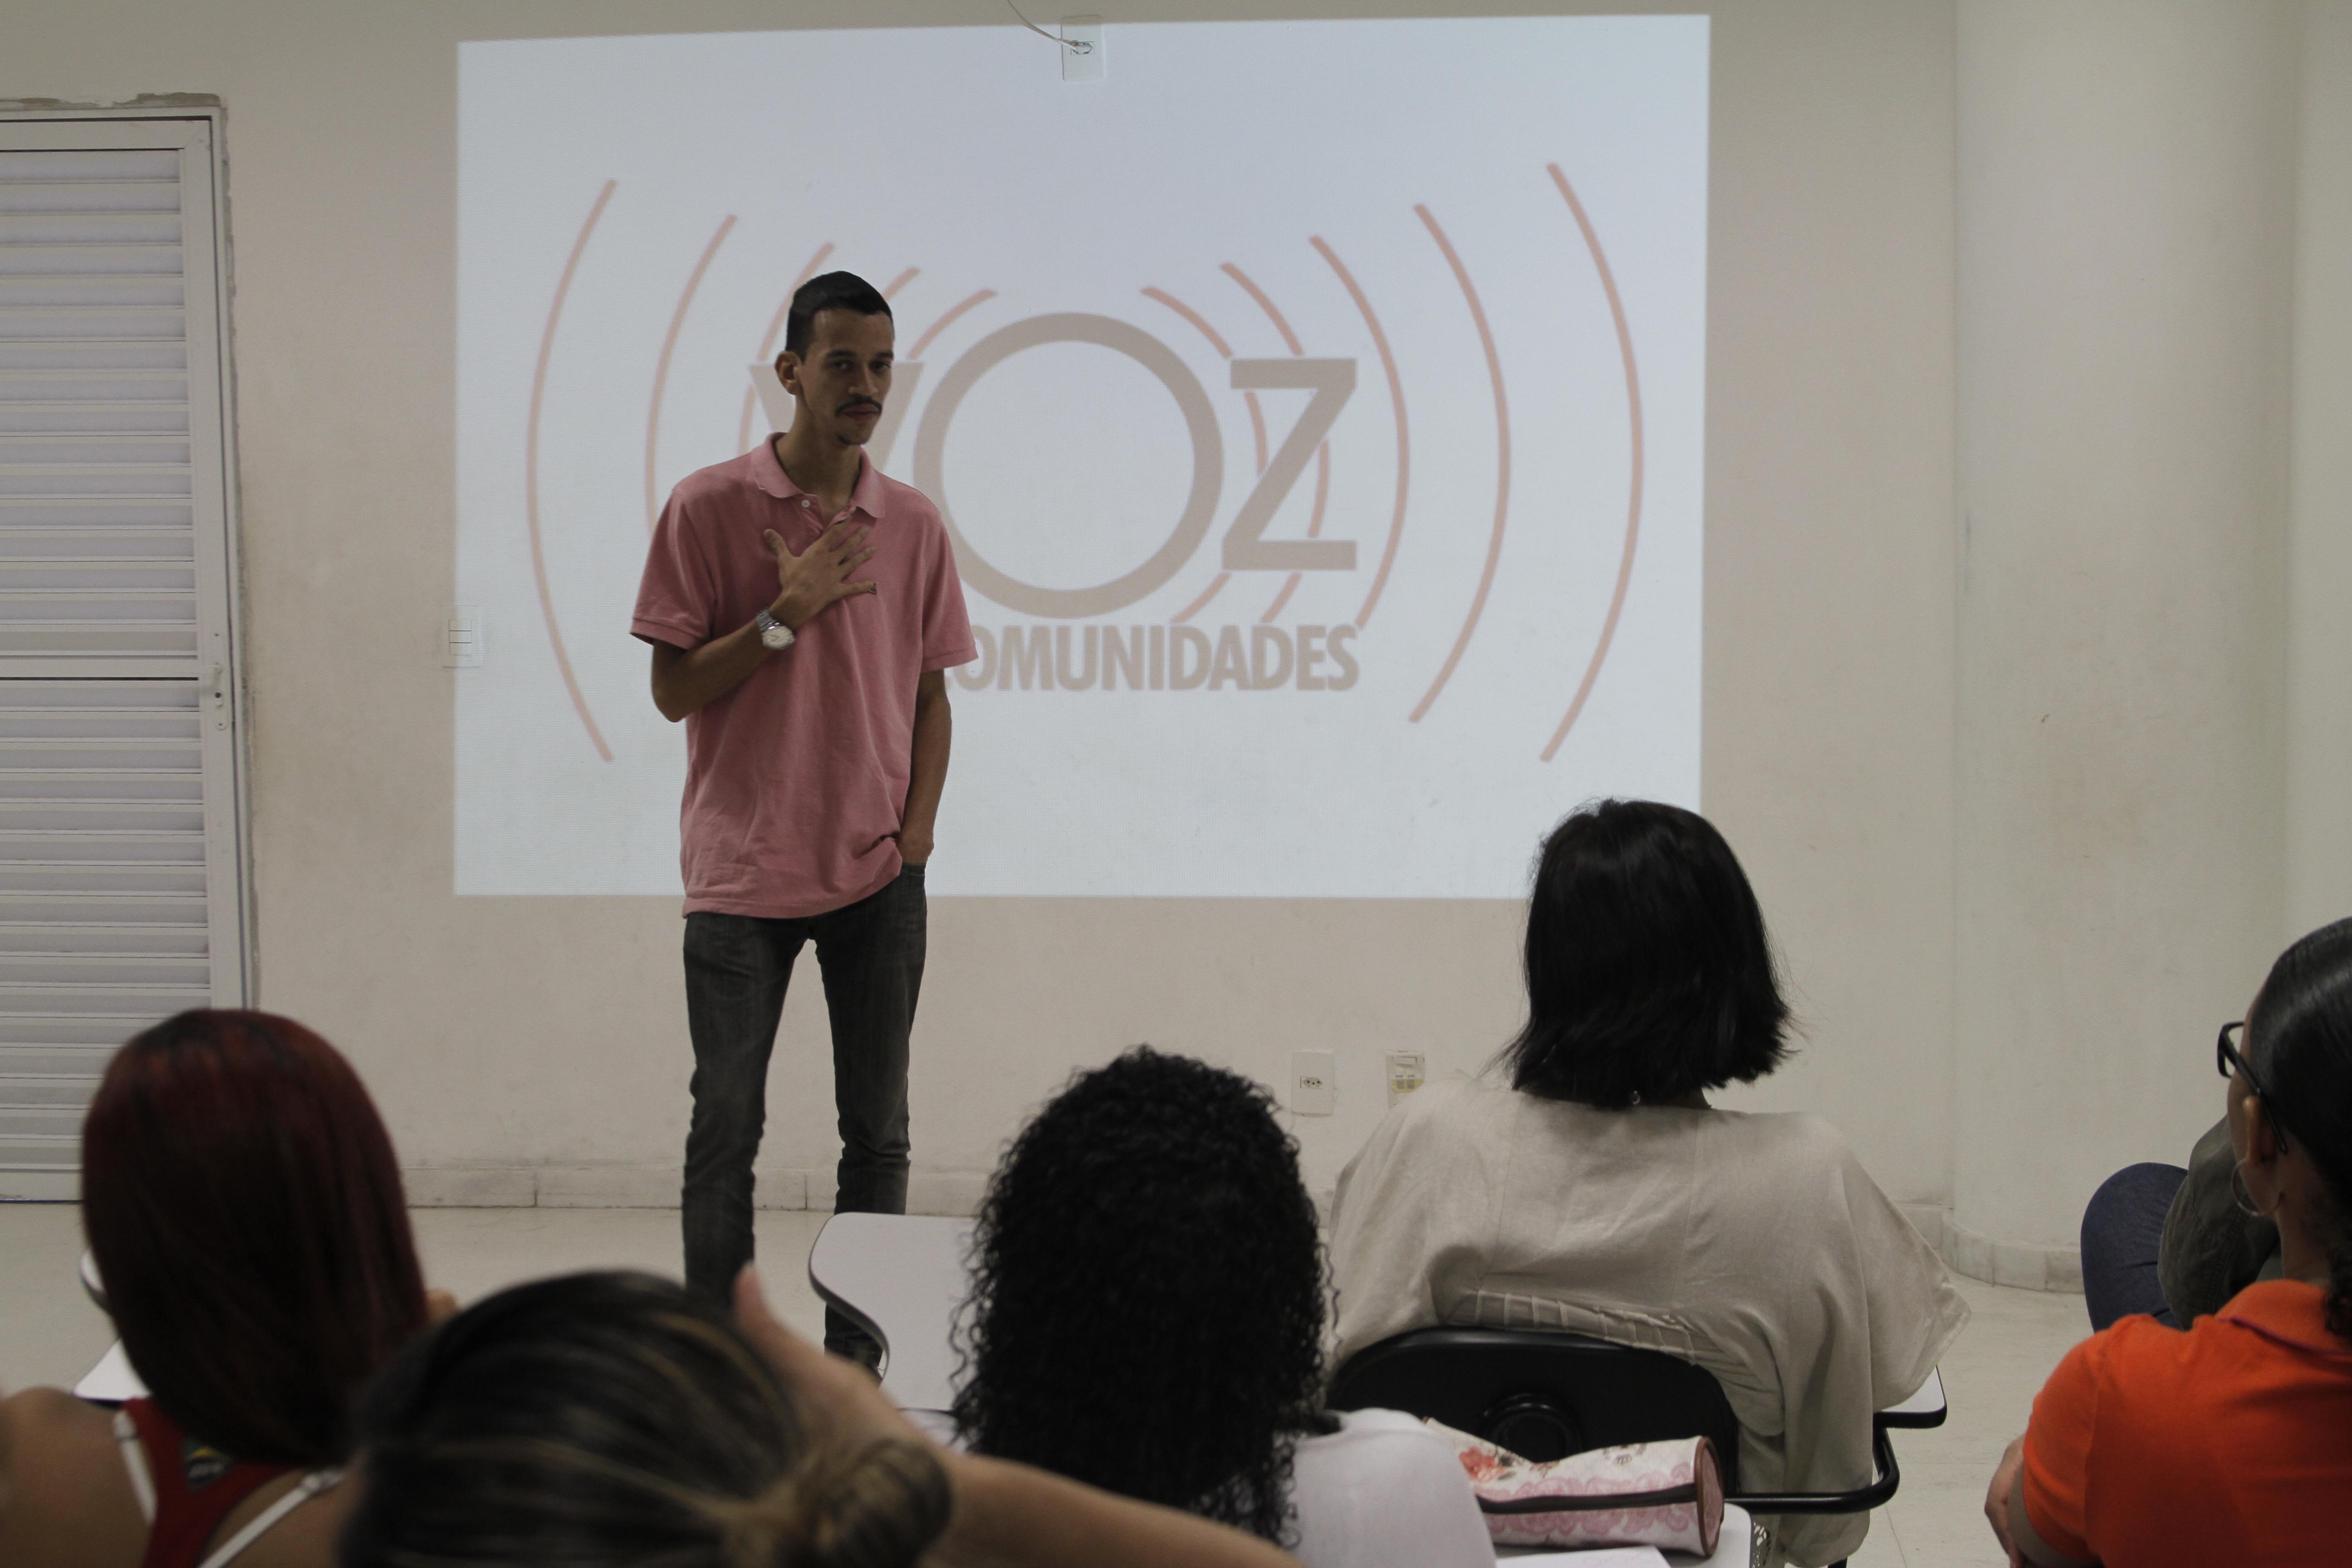 Curso de fotografia abre as portas para mais de 40 alunos do Alemão e do Rio